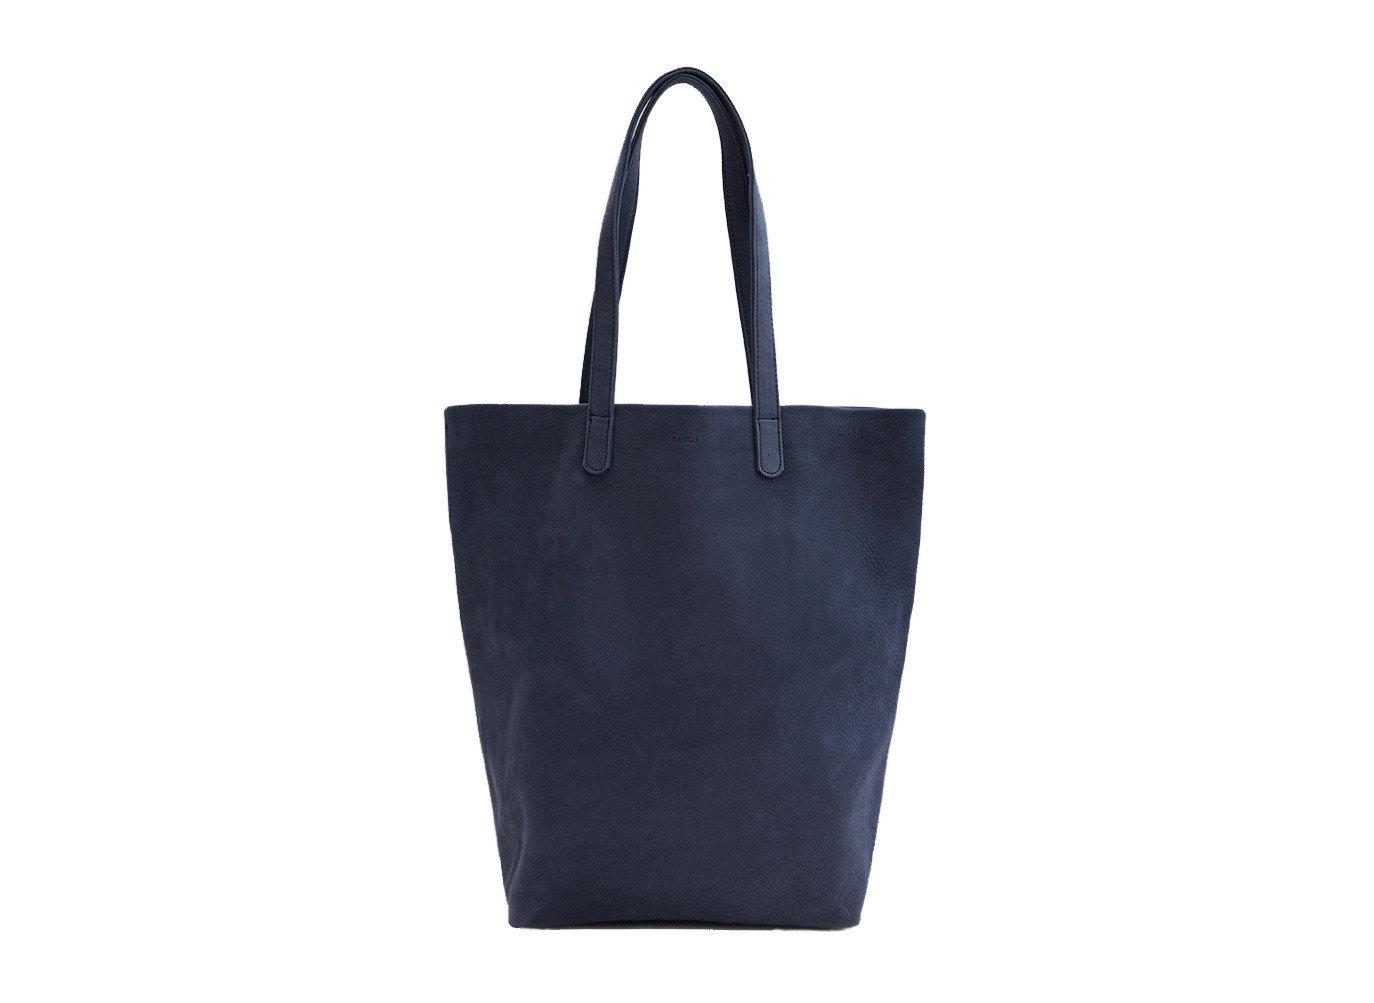 Packing Tips Style + Design Travel Shop Weekend Getaways handbag black bag shovel shoulder bag product leather tote bag product design brand accessory electric blue